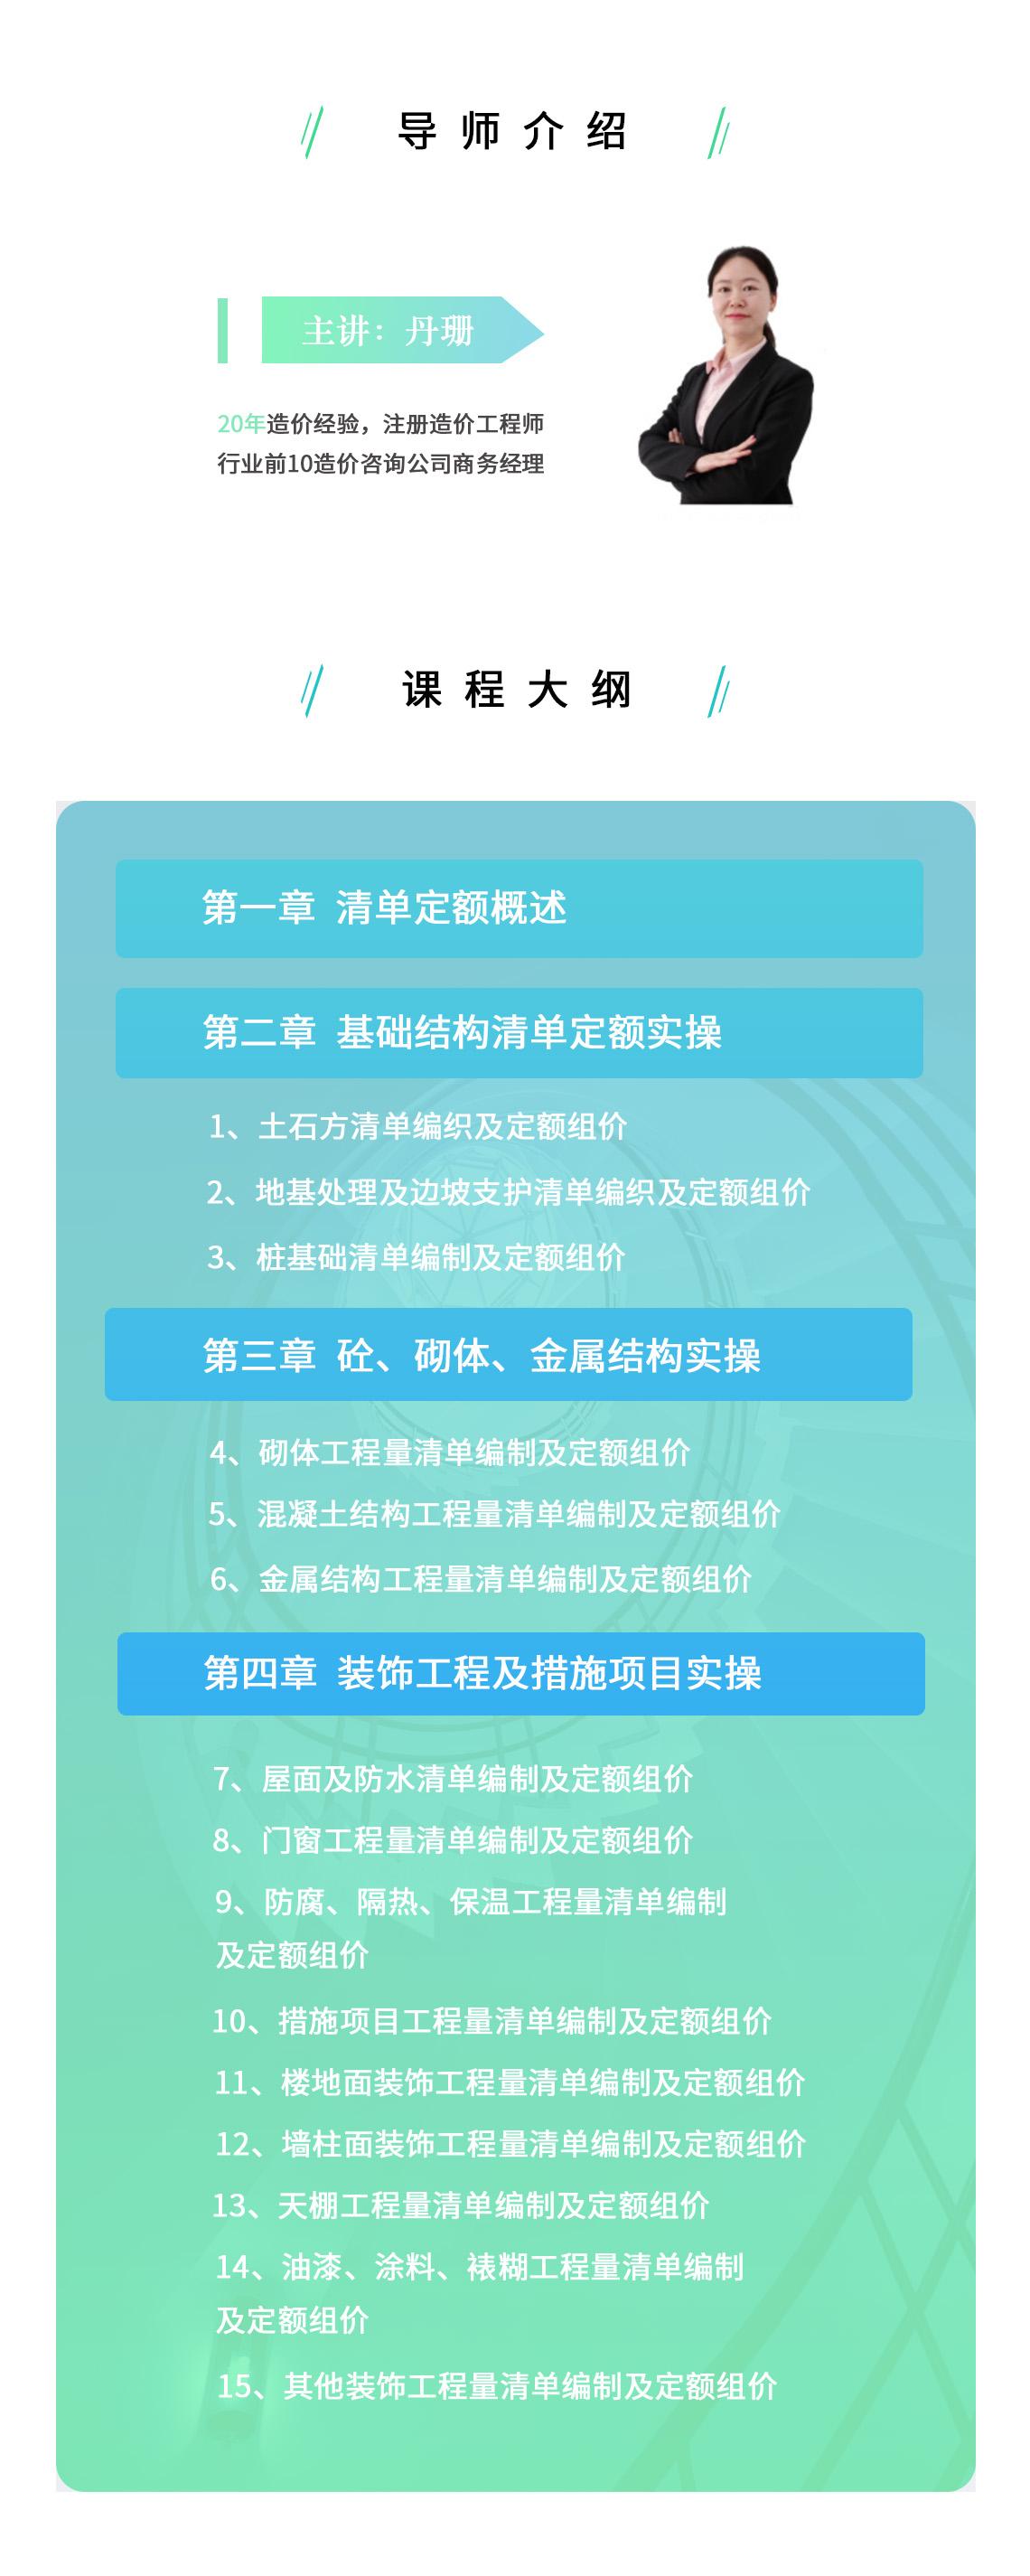 清单定额概述、基础结构清单、砼砌体金属结构清单、装饰工程及措施项目清单